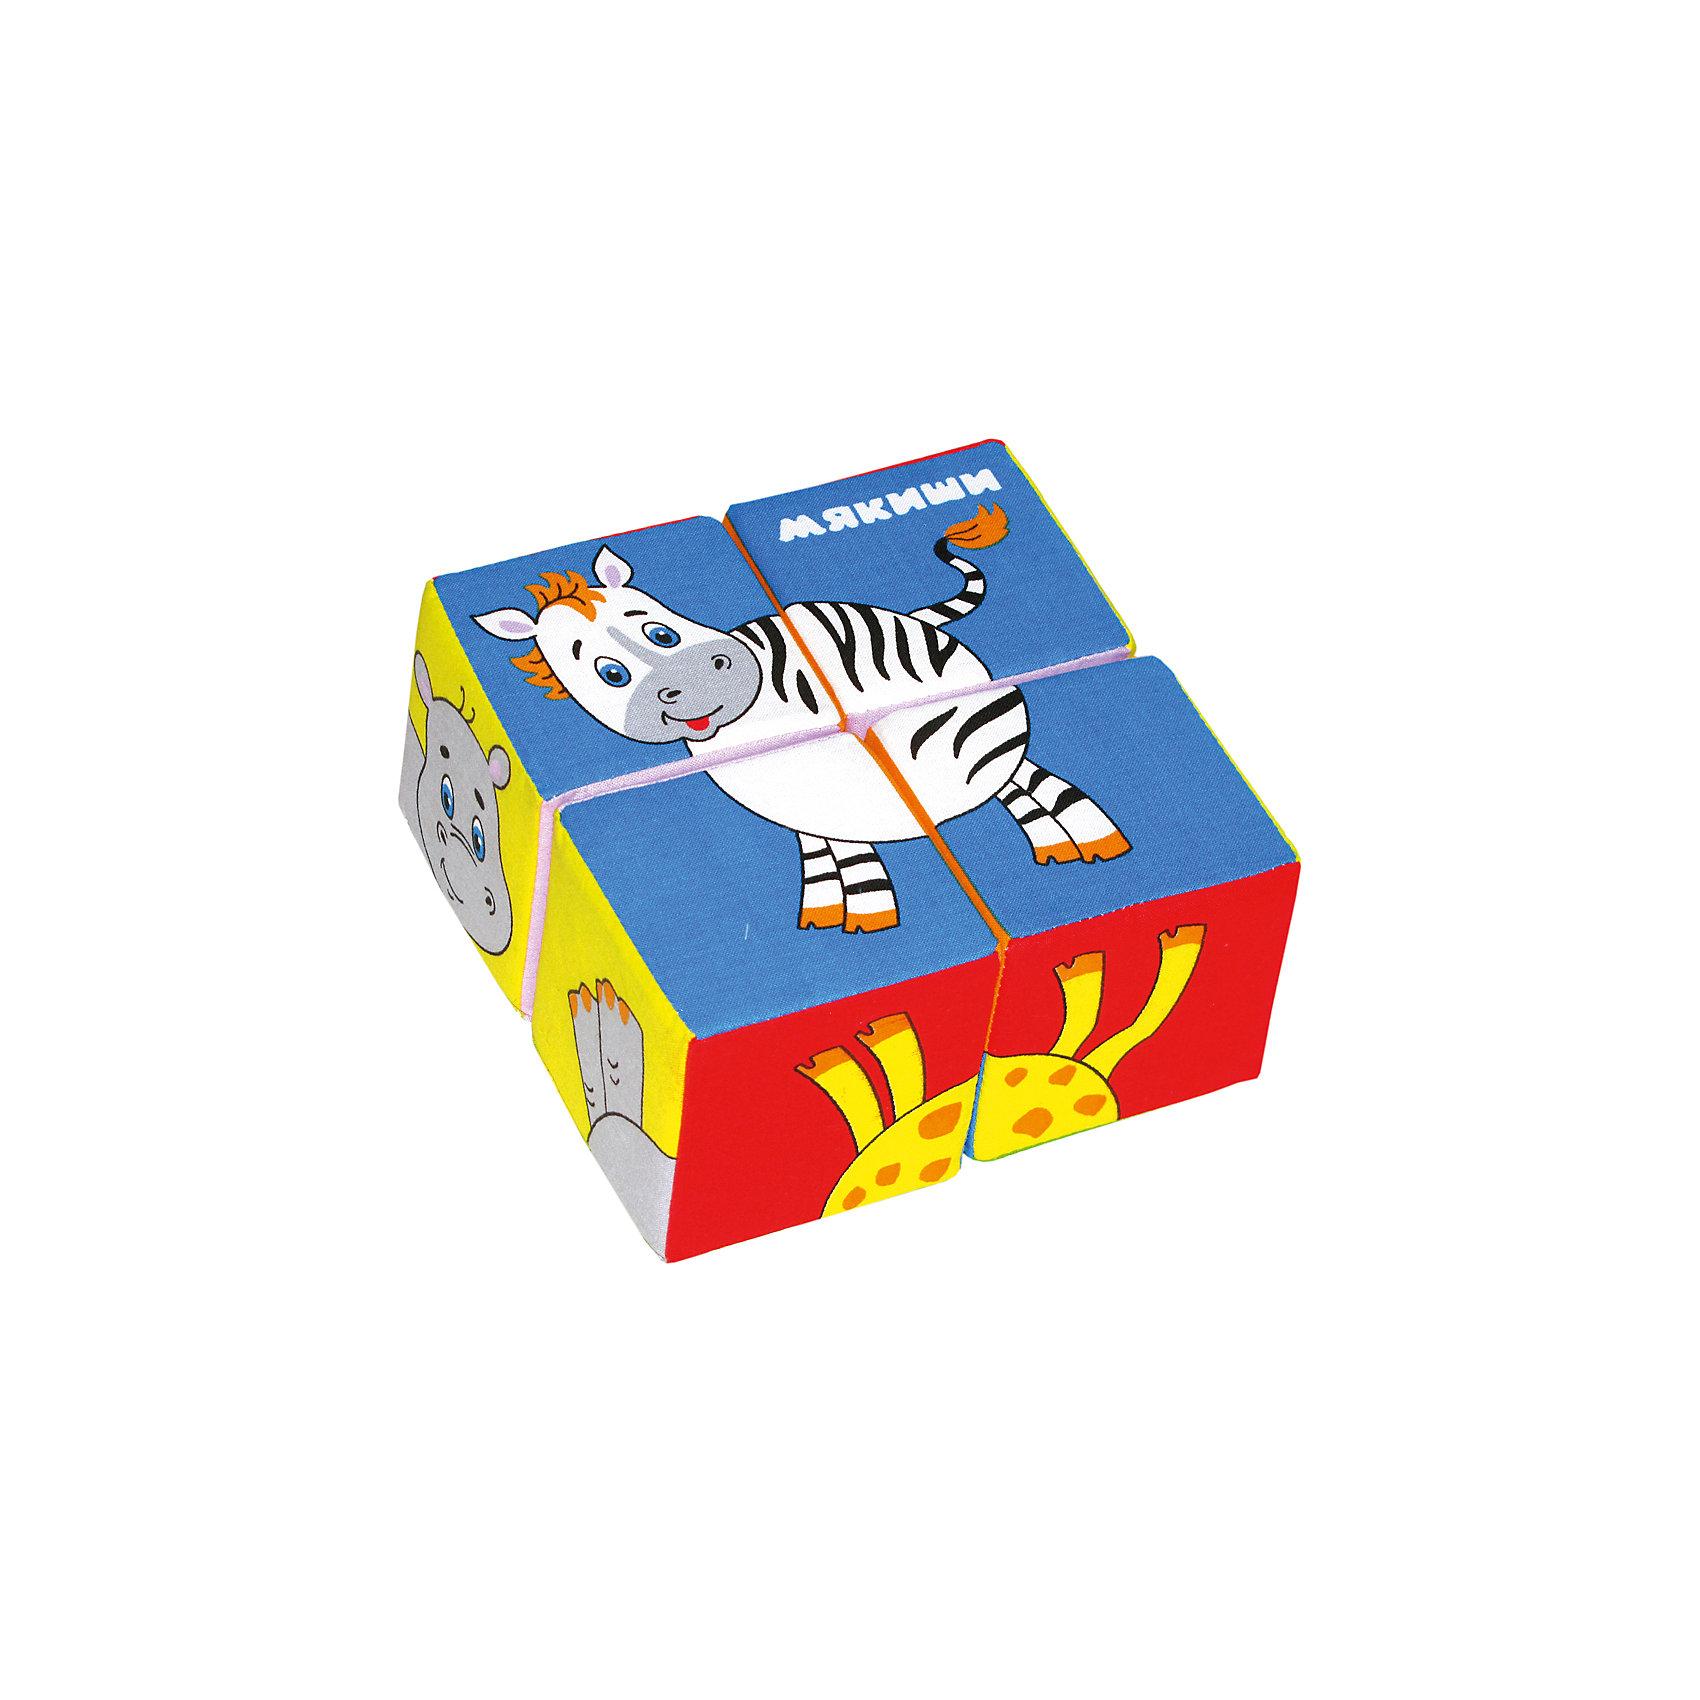 Кубики Собери картинку - животные Африки, МякишиХарактеристики товара:<br><br>• цвет: разноцветный<br>• материал: хлопок, поролон<br>• комплектация: 4 шт<br>• размер игрушки: 8 см<br>• можно собрать шесть животных<br>• развивающая игрушка<br>• упаковка: пакет<br>• страна бренда: РФ<br>• страна изготовитель: РФ<br><br>Малыши активно познают мир и тянутся к новой информации. Чтобы сделать процесс изучения окружающего пространства интереснее, ребенку можно подарить развивающие игрушки. В процессе игры информация усваивается намного лучше!<br>Такие кубики помогут занять малыша, играть ими приятно и весело. Одновременно они позволят познакомиться со многими цветами, фактурами, а также из них можно собрать шесть животных. Такие игрушки развивают тактильные ощущения, моторику, цветовосприятие, логику, воображение, учат фокусировать внимание. Каждое изделие абсолютно безопасно – оно создано из качественной ткани с мягким наполнителем. Игрушки производятся из качественных и проверенных материалов, которые безопасны для детей.<br><br>Кубики Собери картинку - животные Африки от бренда Мякиши можно купить в нашем интернет-магазине.<br><br>Ширина мм: 160<br>Глубина мм: 80<br>Высота мм: 160<br>Вес г: 80<br>Возраст от месяцев: 12<br>Возраст до месяцев: 36<br>Пол: Унисекс<br>Возраст: Детский<br>SKU: 5183189